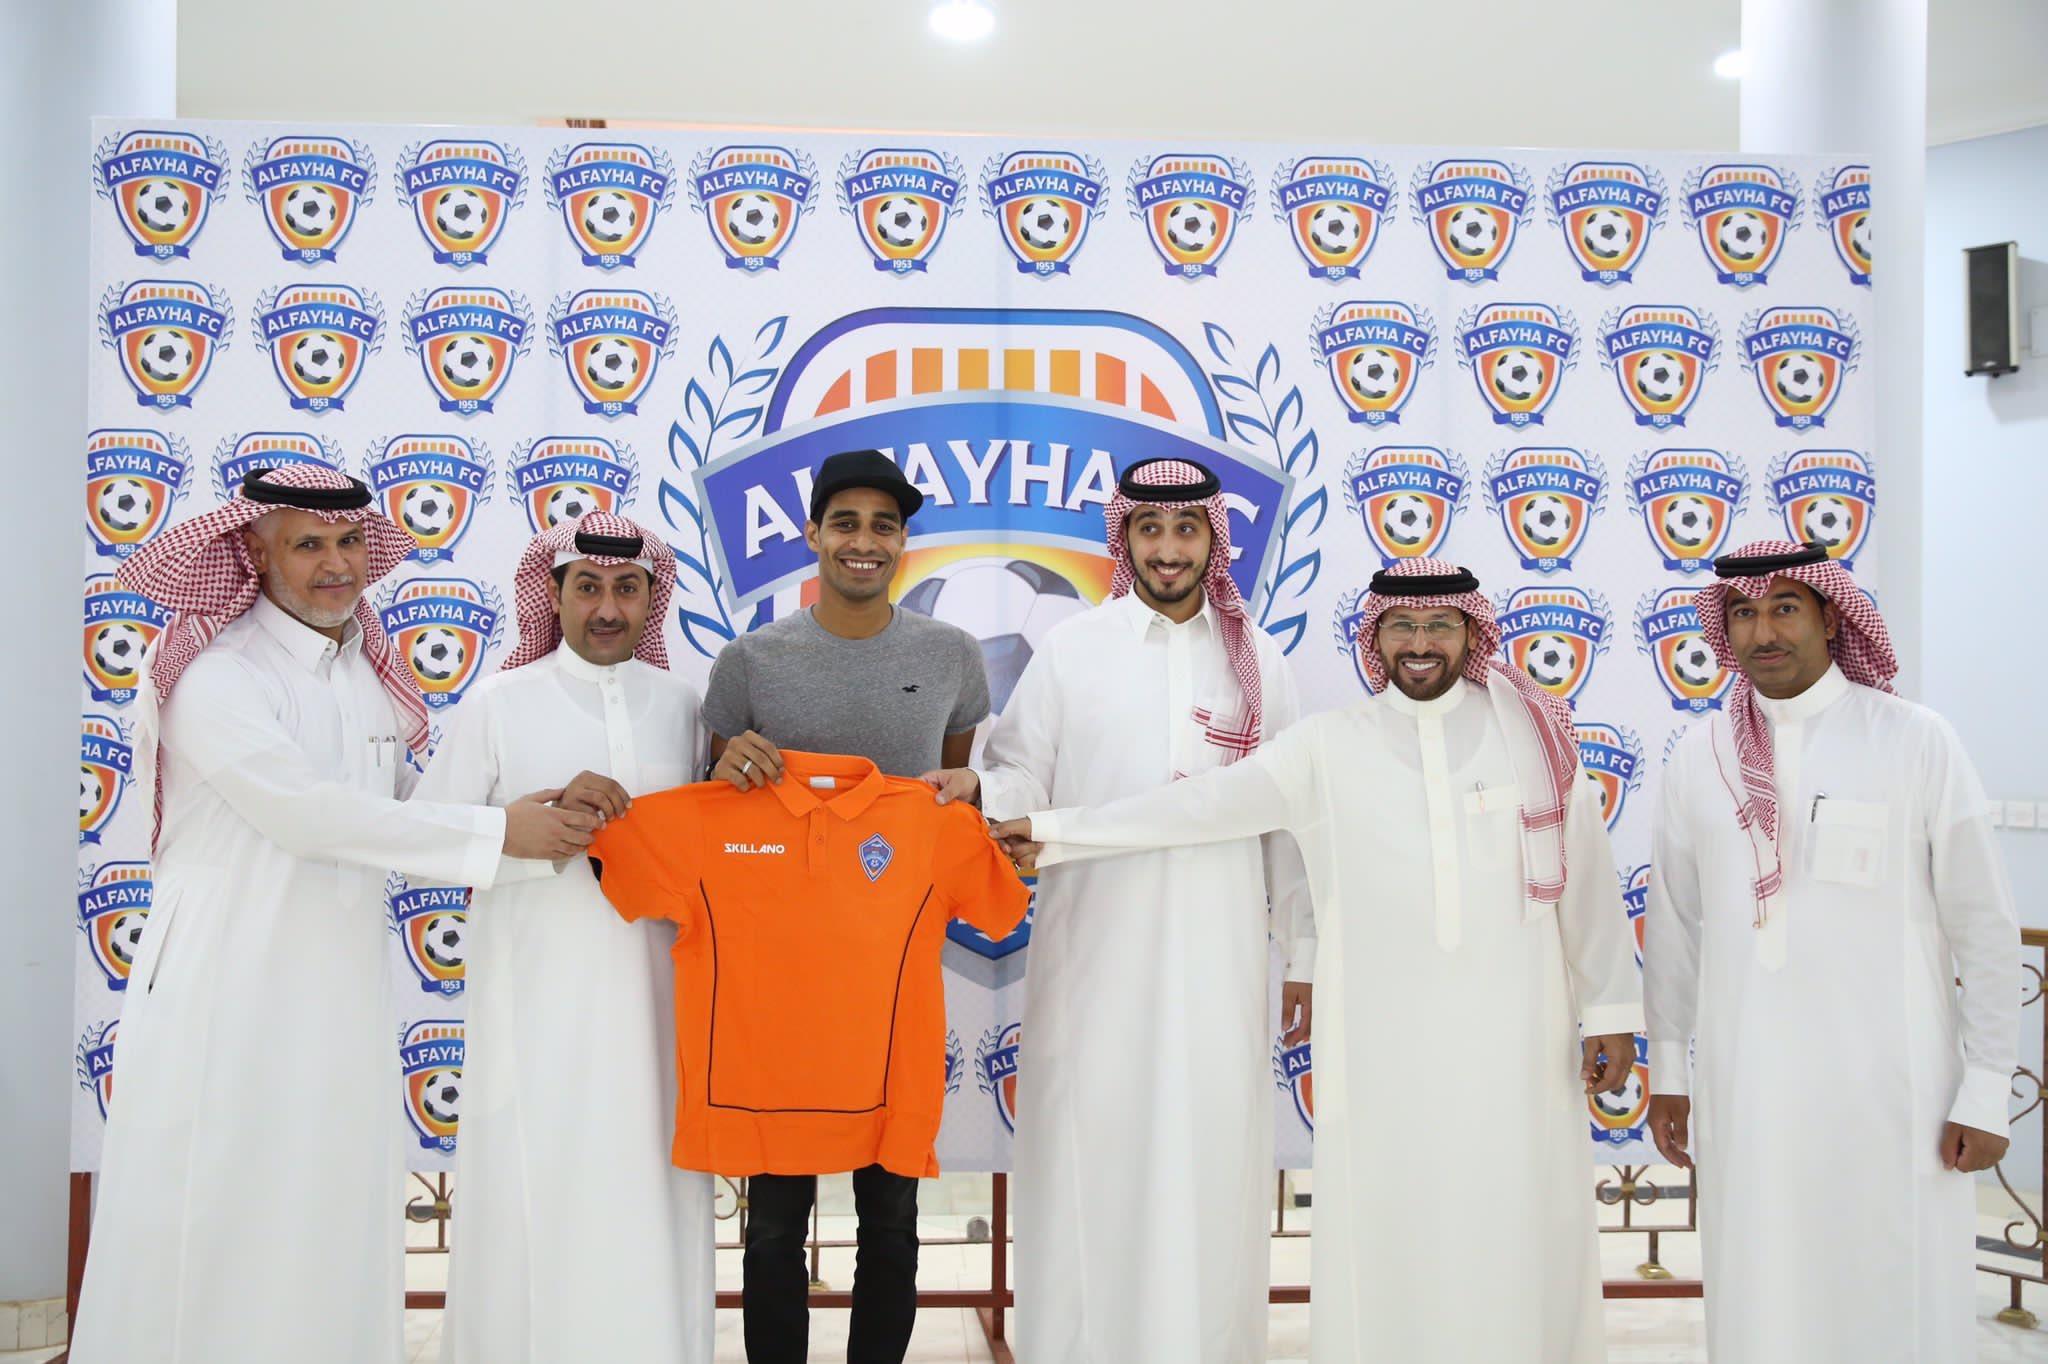 إيضاح مجلس إدارة نادي الخليج بخصوص مطالبة نادي الترجي بنسبة من قيمة إنتقال اللاعب مسلم آل فريج